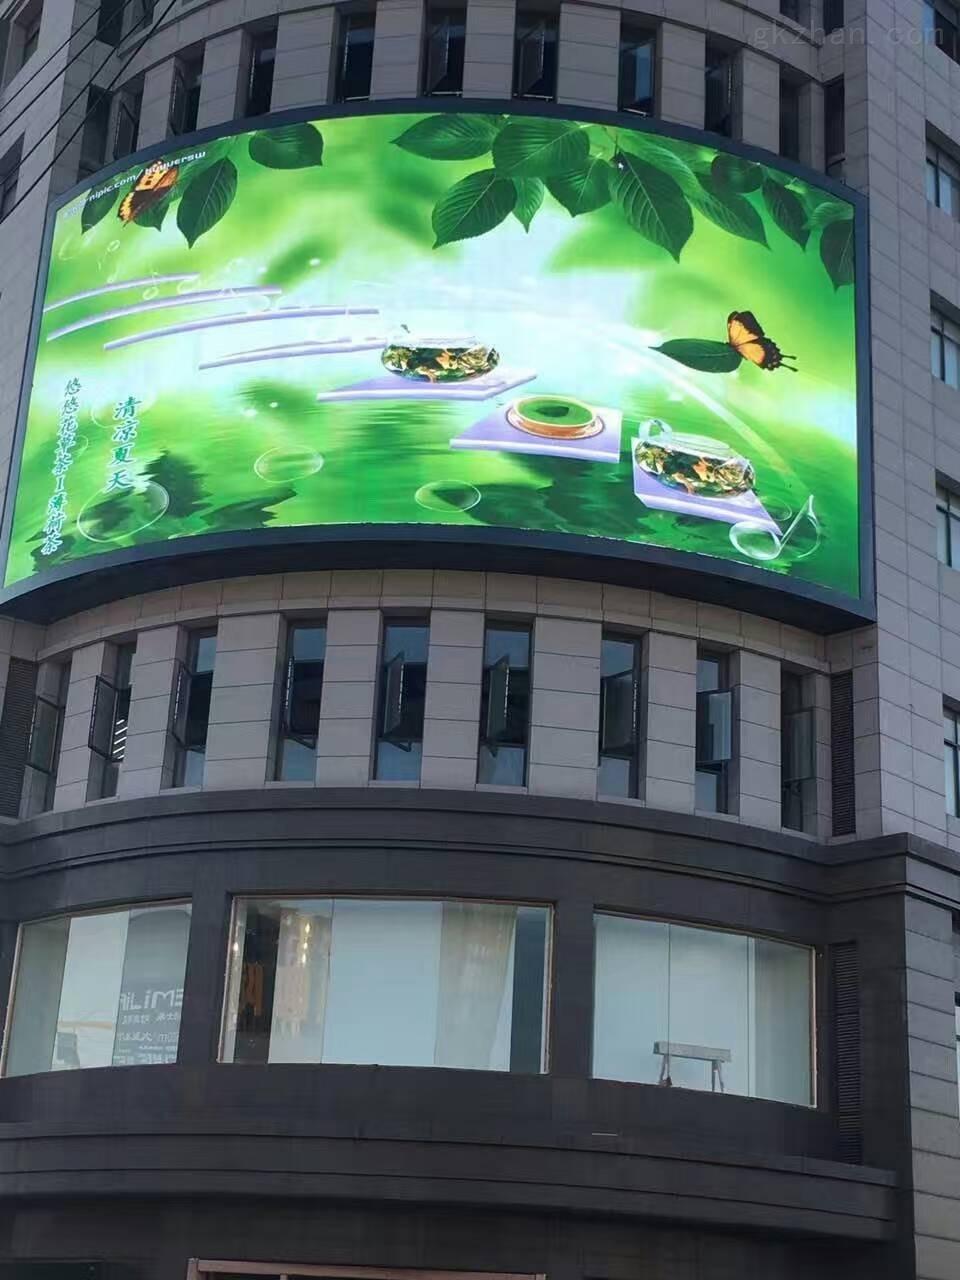 p6p8 山東戶外led顯示屏型號山東led顯示屏制作安裝廠家圖片